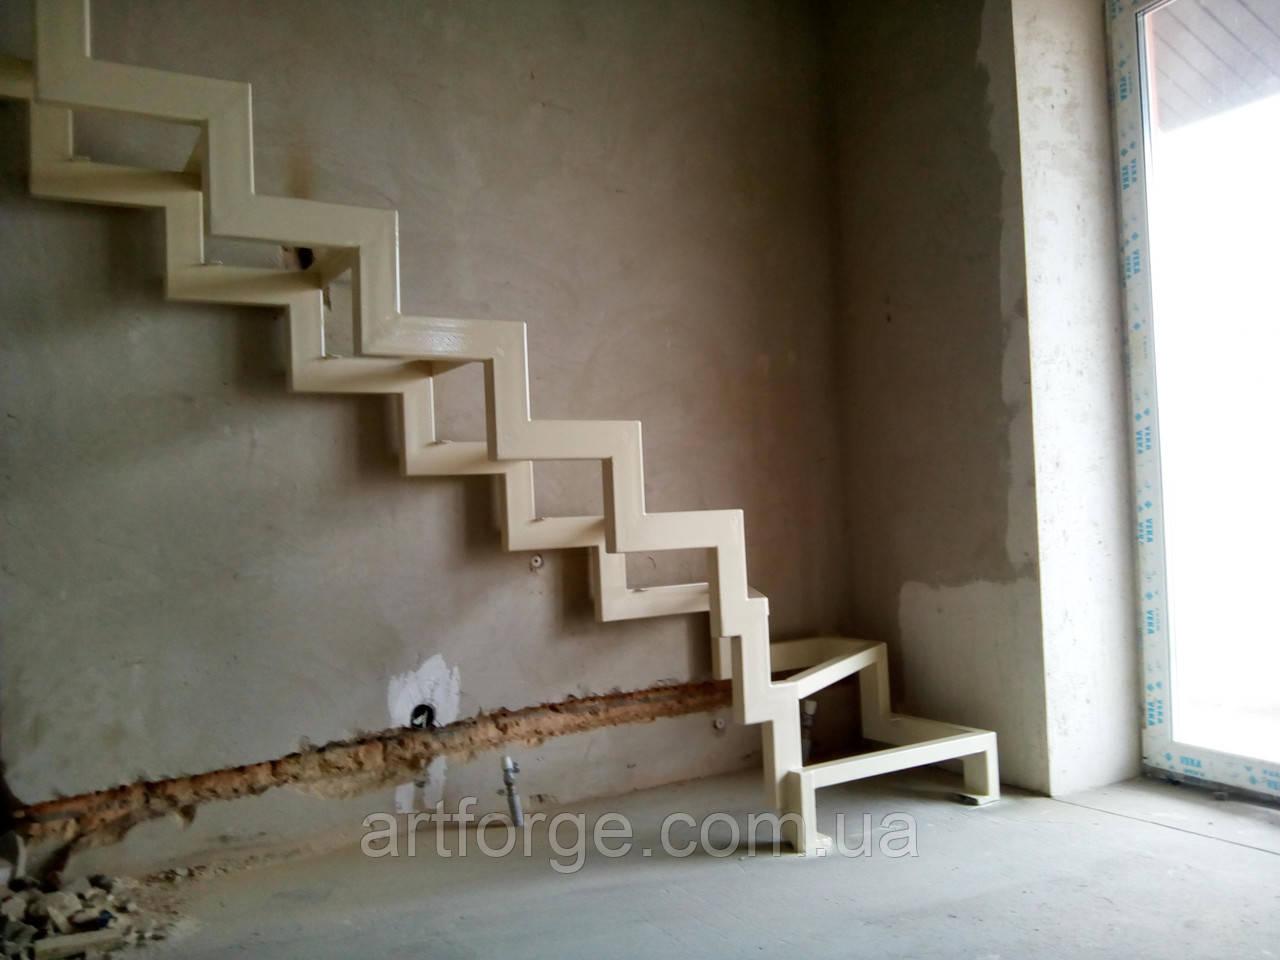 Поворотный каркас лестницы на ломаных косоурах с забежными ступенями